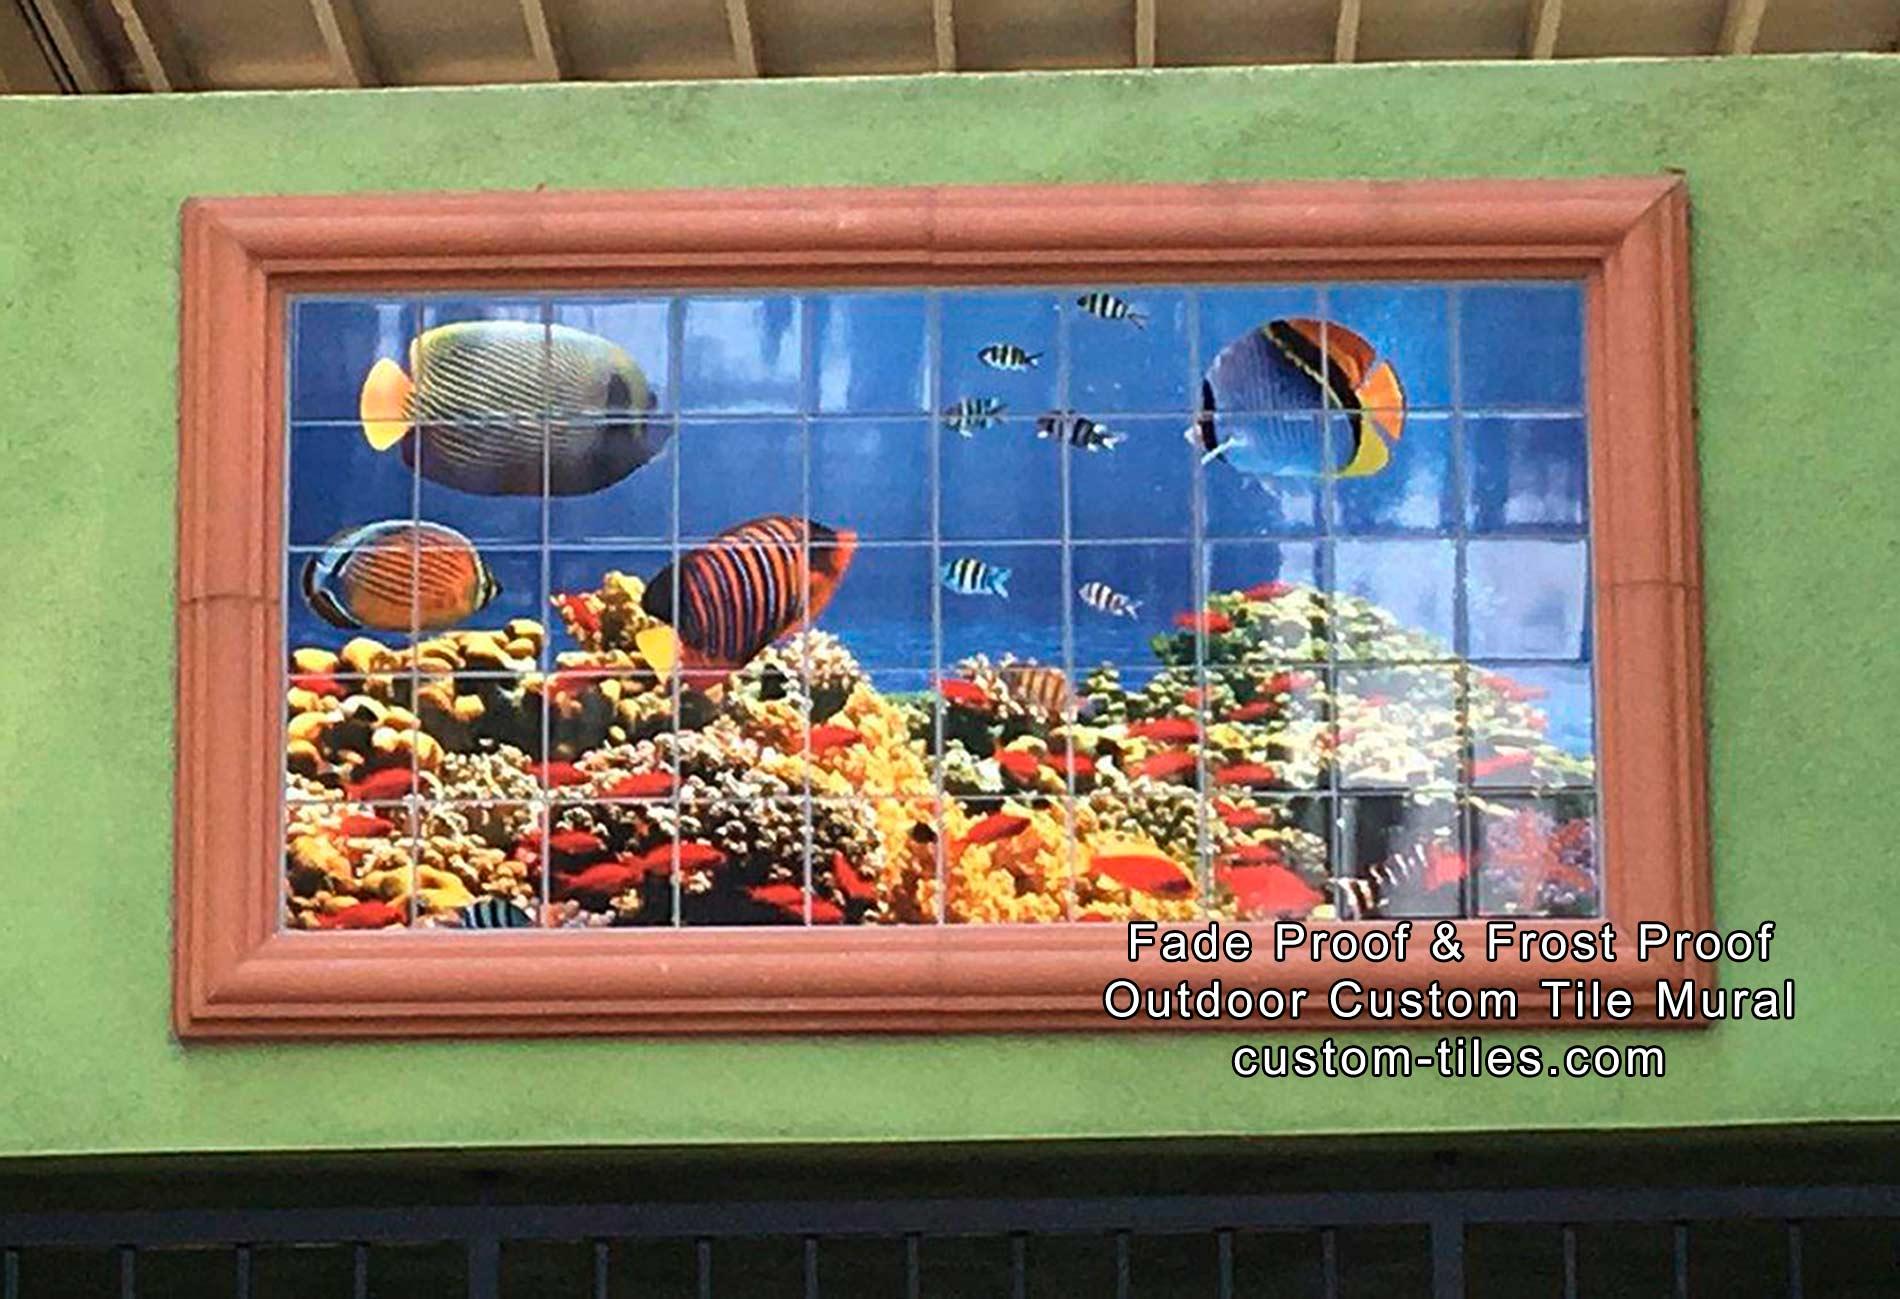 Undersea Photo Outdoor Tile Mural